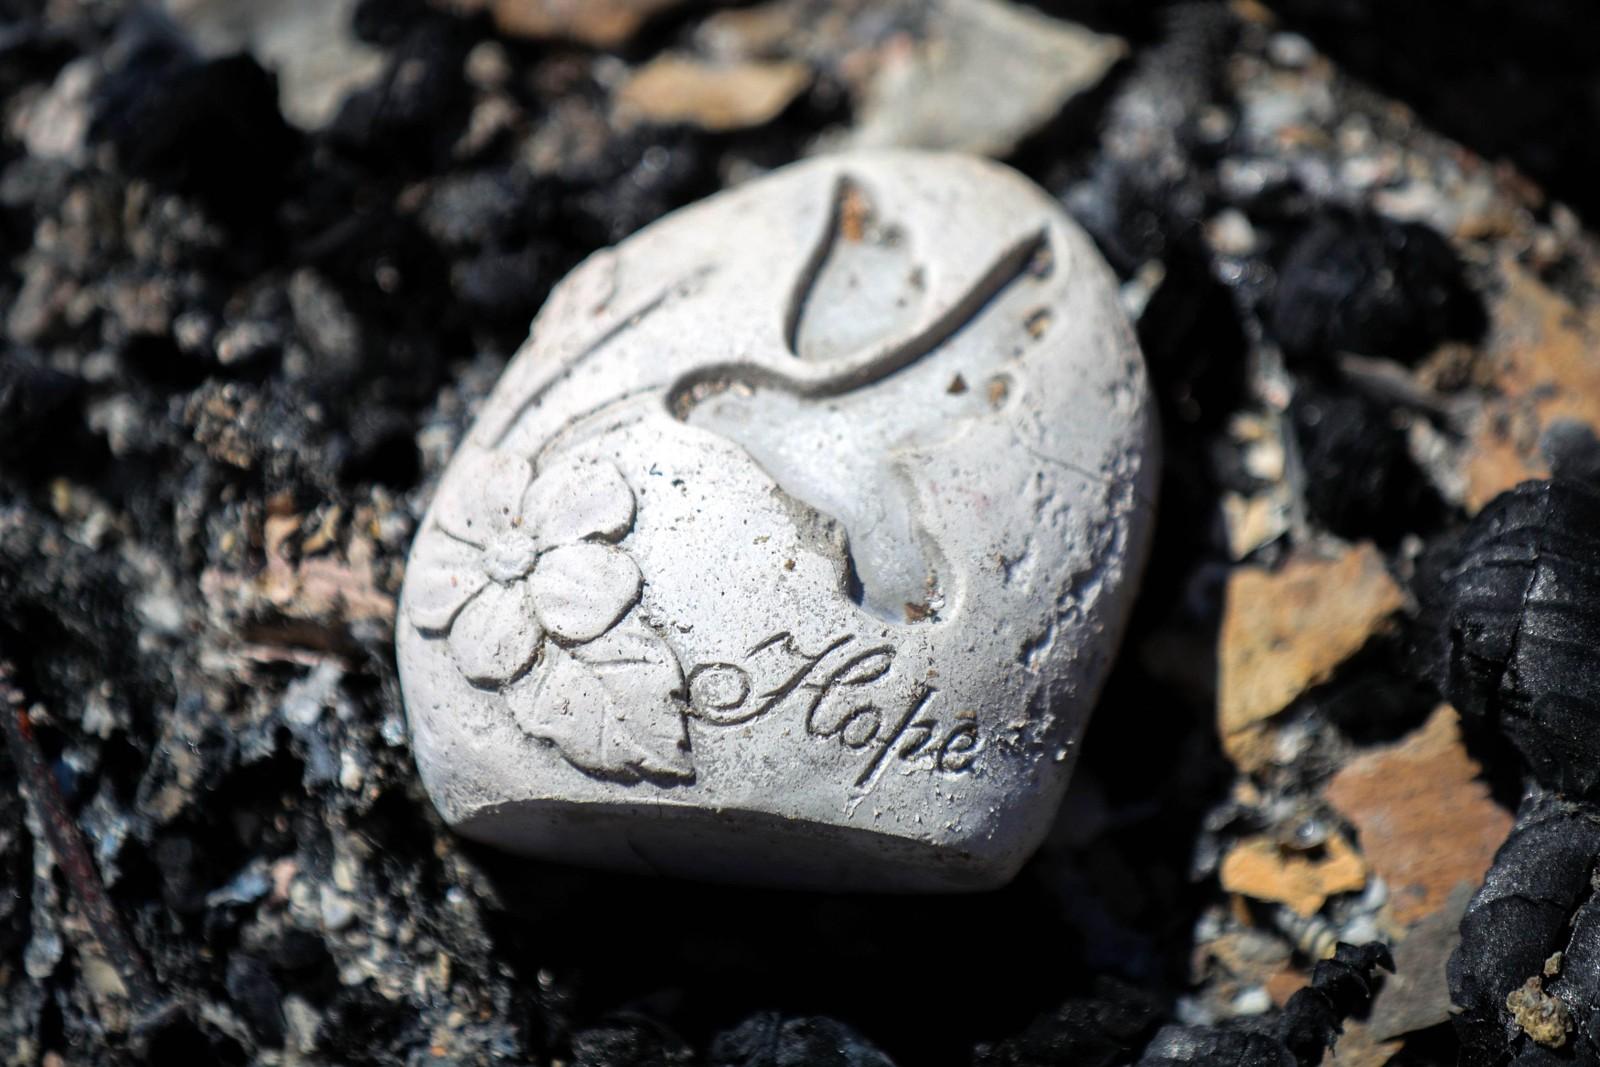 """""""Håp"""" står det gravert inn i denne steinen. Den er det eneste som er igjen etter brannen i et hus i Lower Lake i California i USA. Bildet er tatt den 15. august. En skogbrann kalt """"Clayton Fire"""" brant ned omtrent 175 hus, og sendte 4000 mennesker på flukt."""